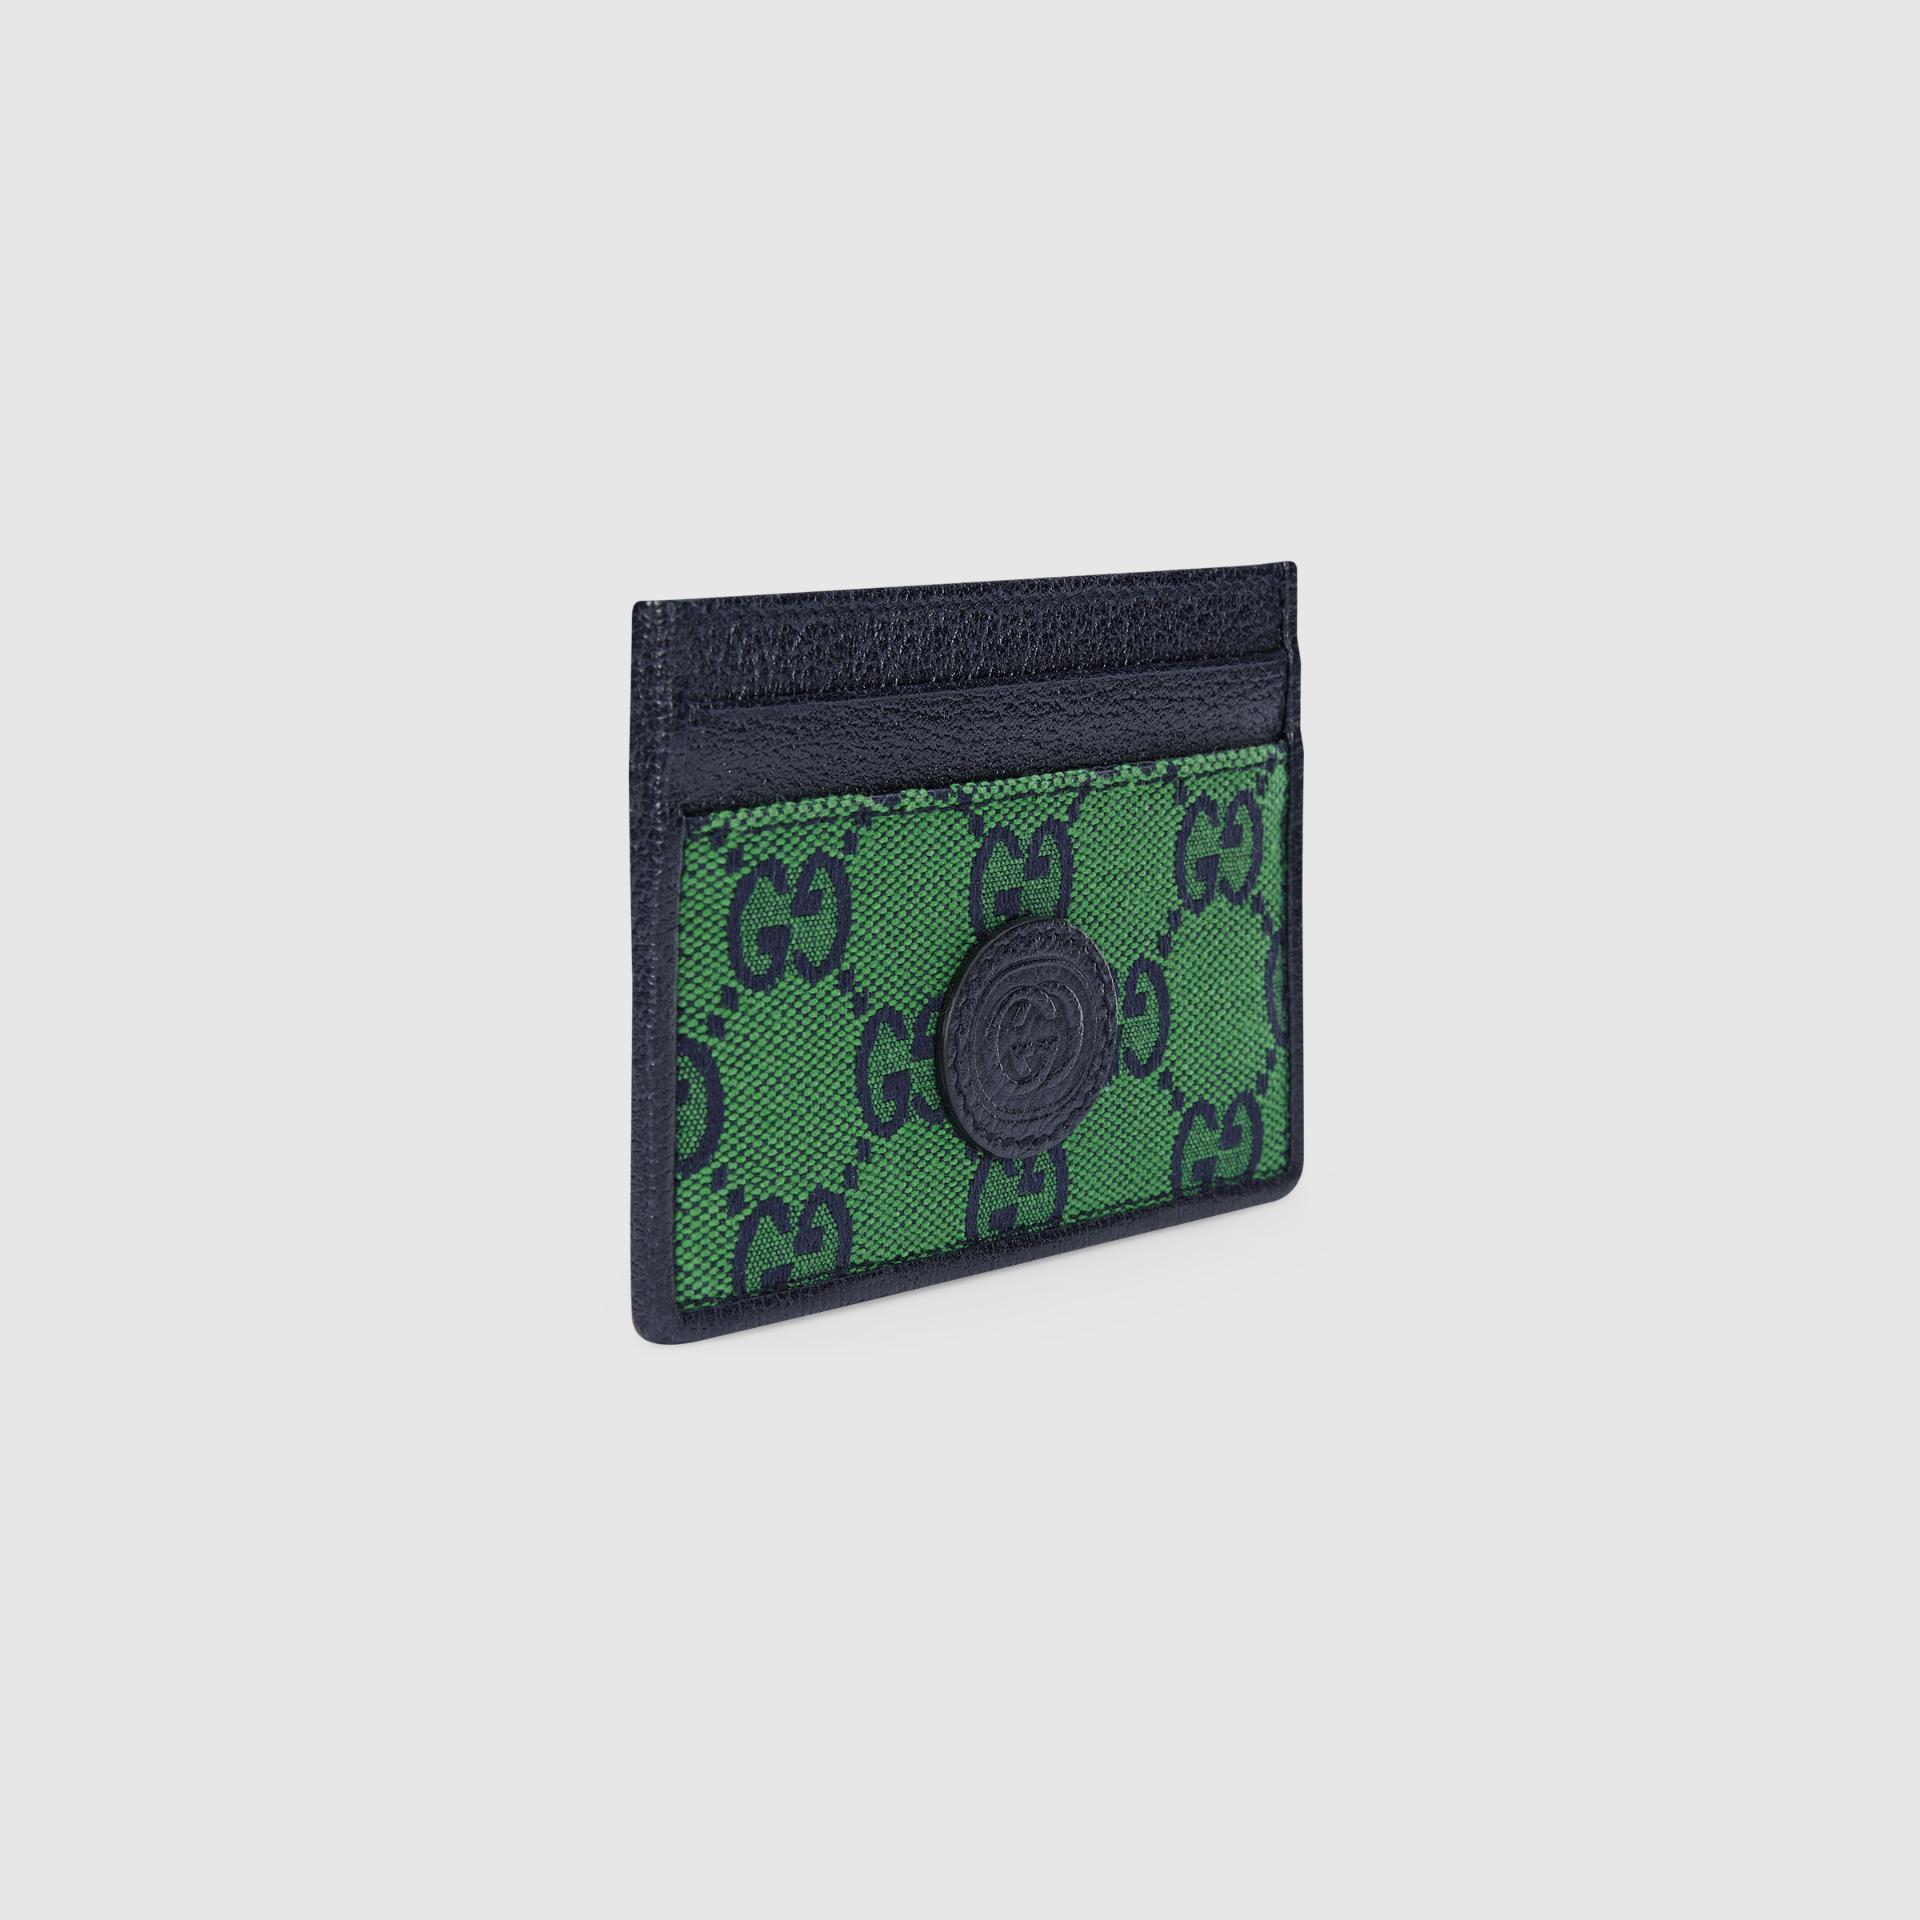 유럽직배송 구찌 GUCCI Gucci GG Multicolour card case wallet 6596012UZAN3368